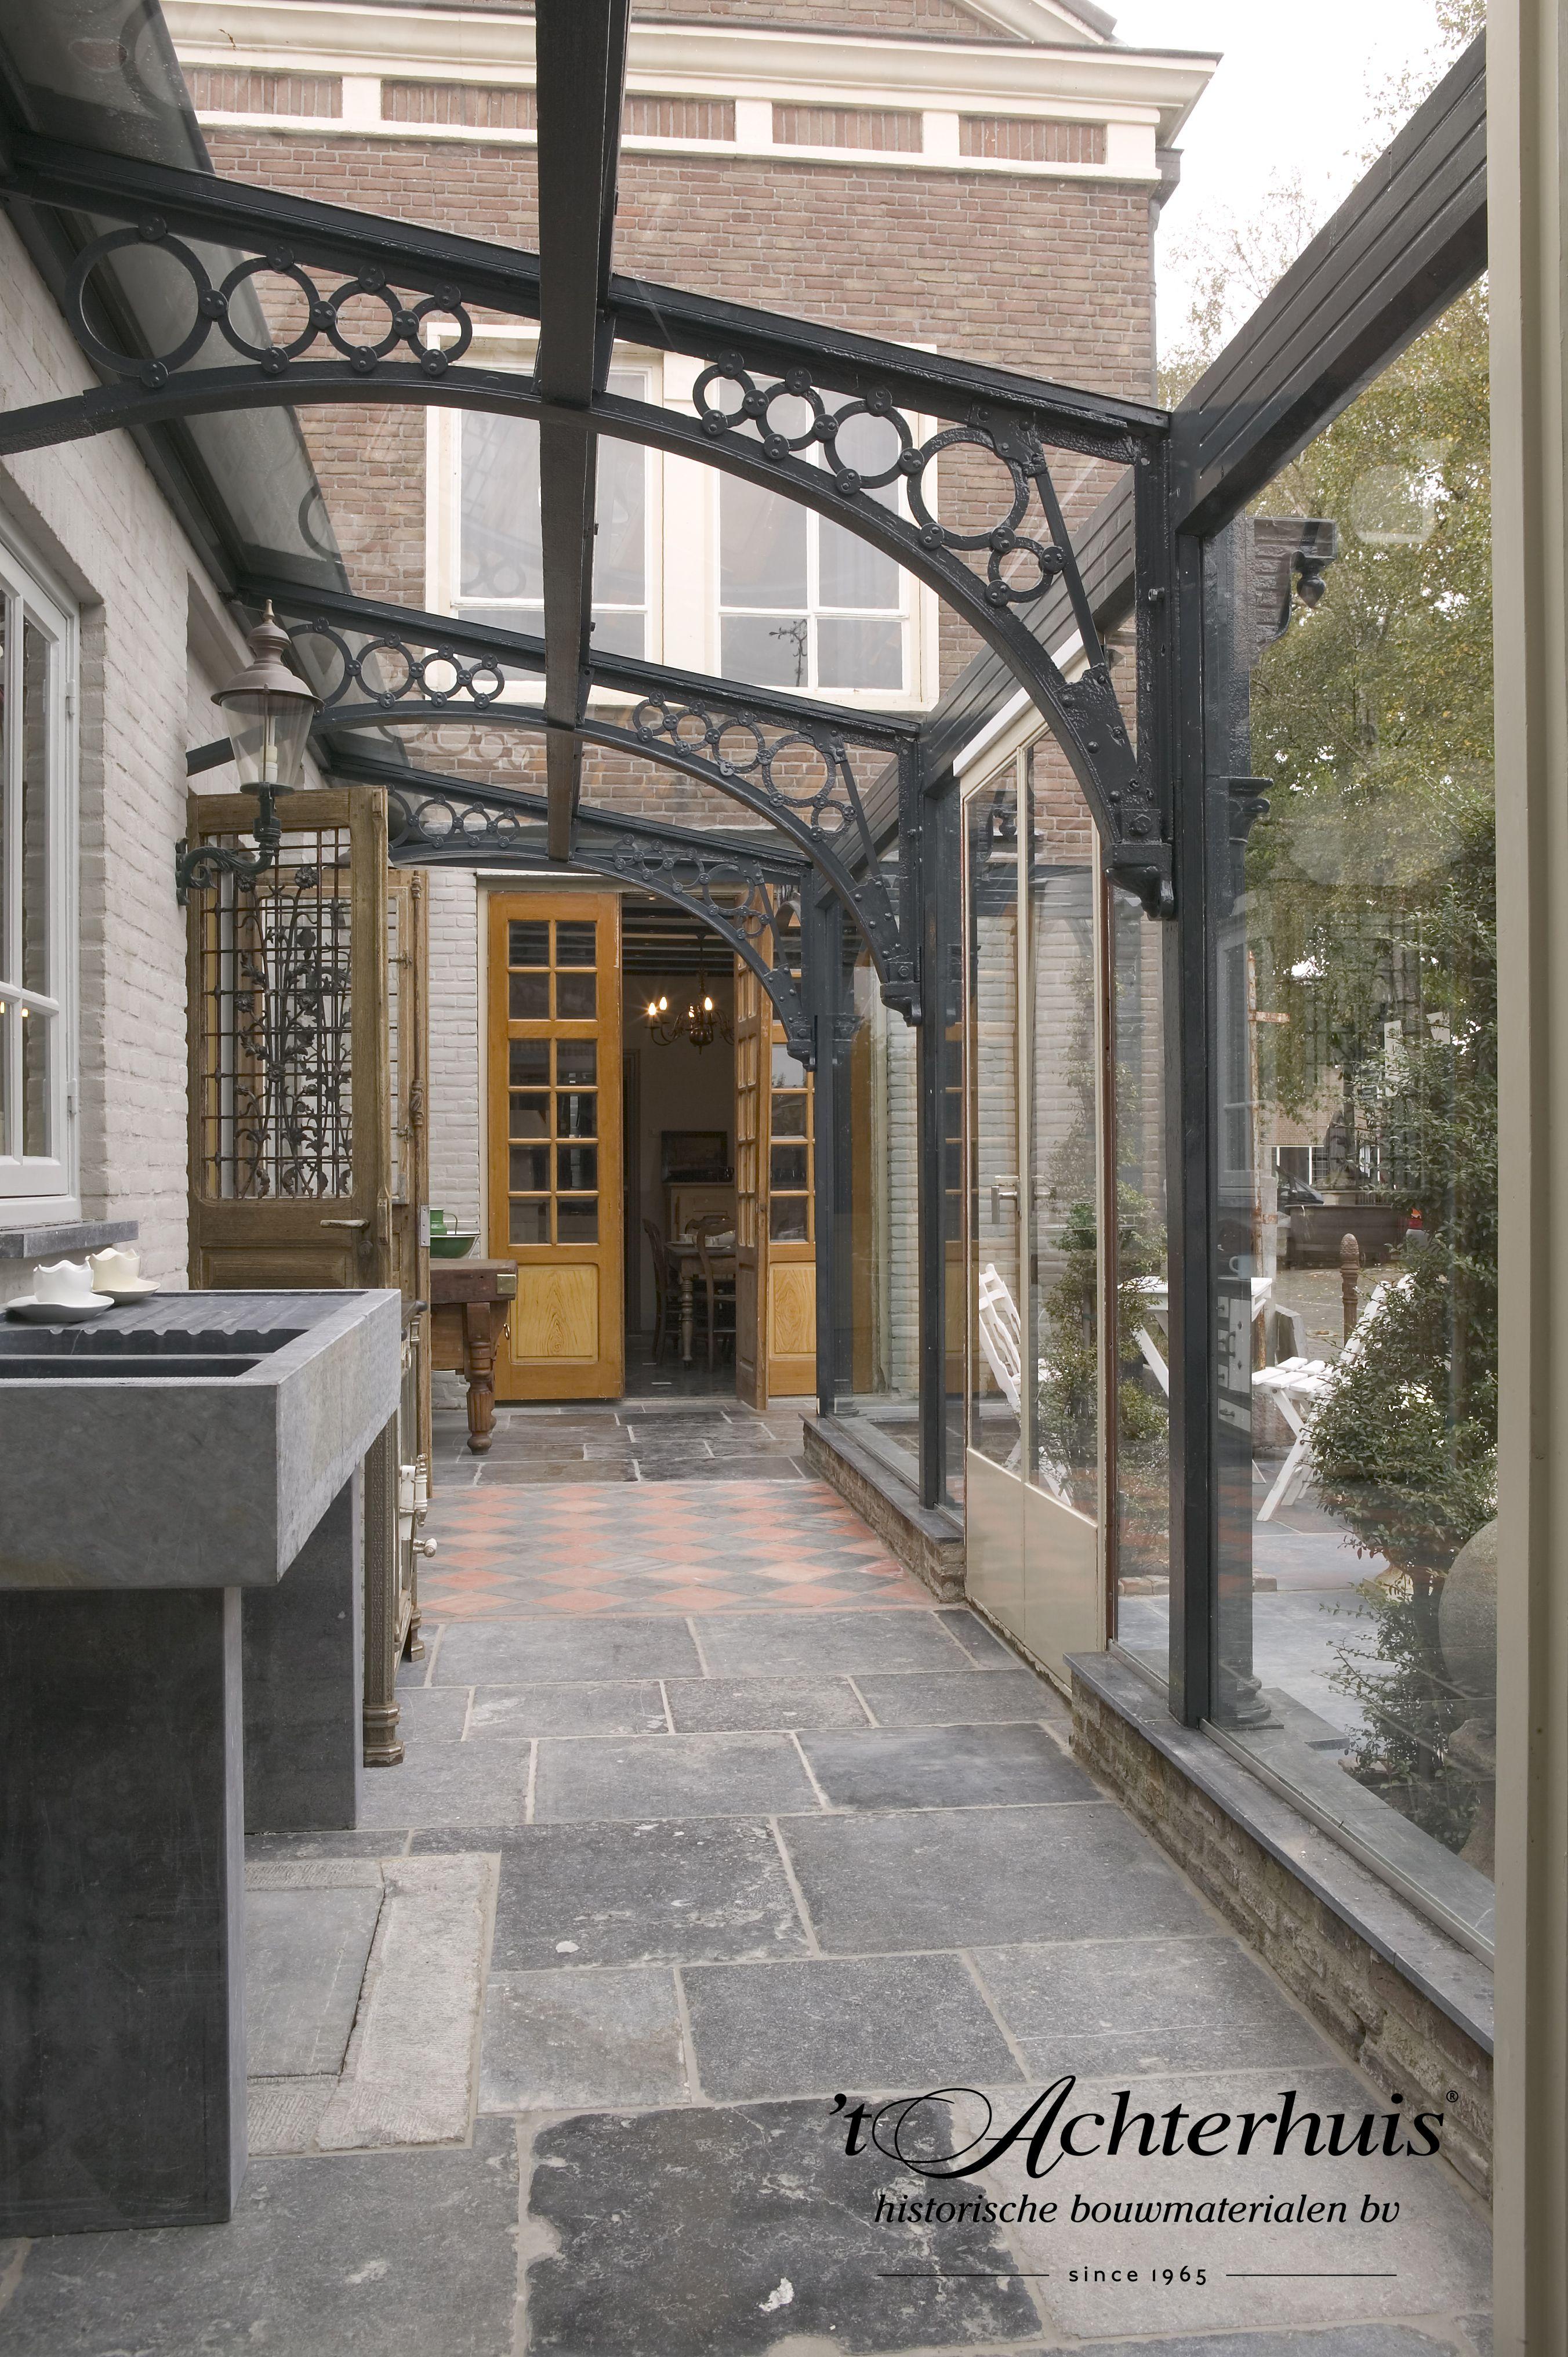 impermo keukentegels : Vloeren Floor Tegels Tiles Oud Old Antiek Antique